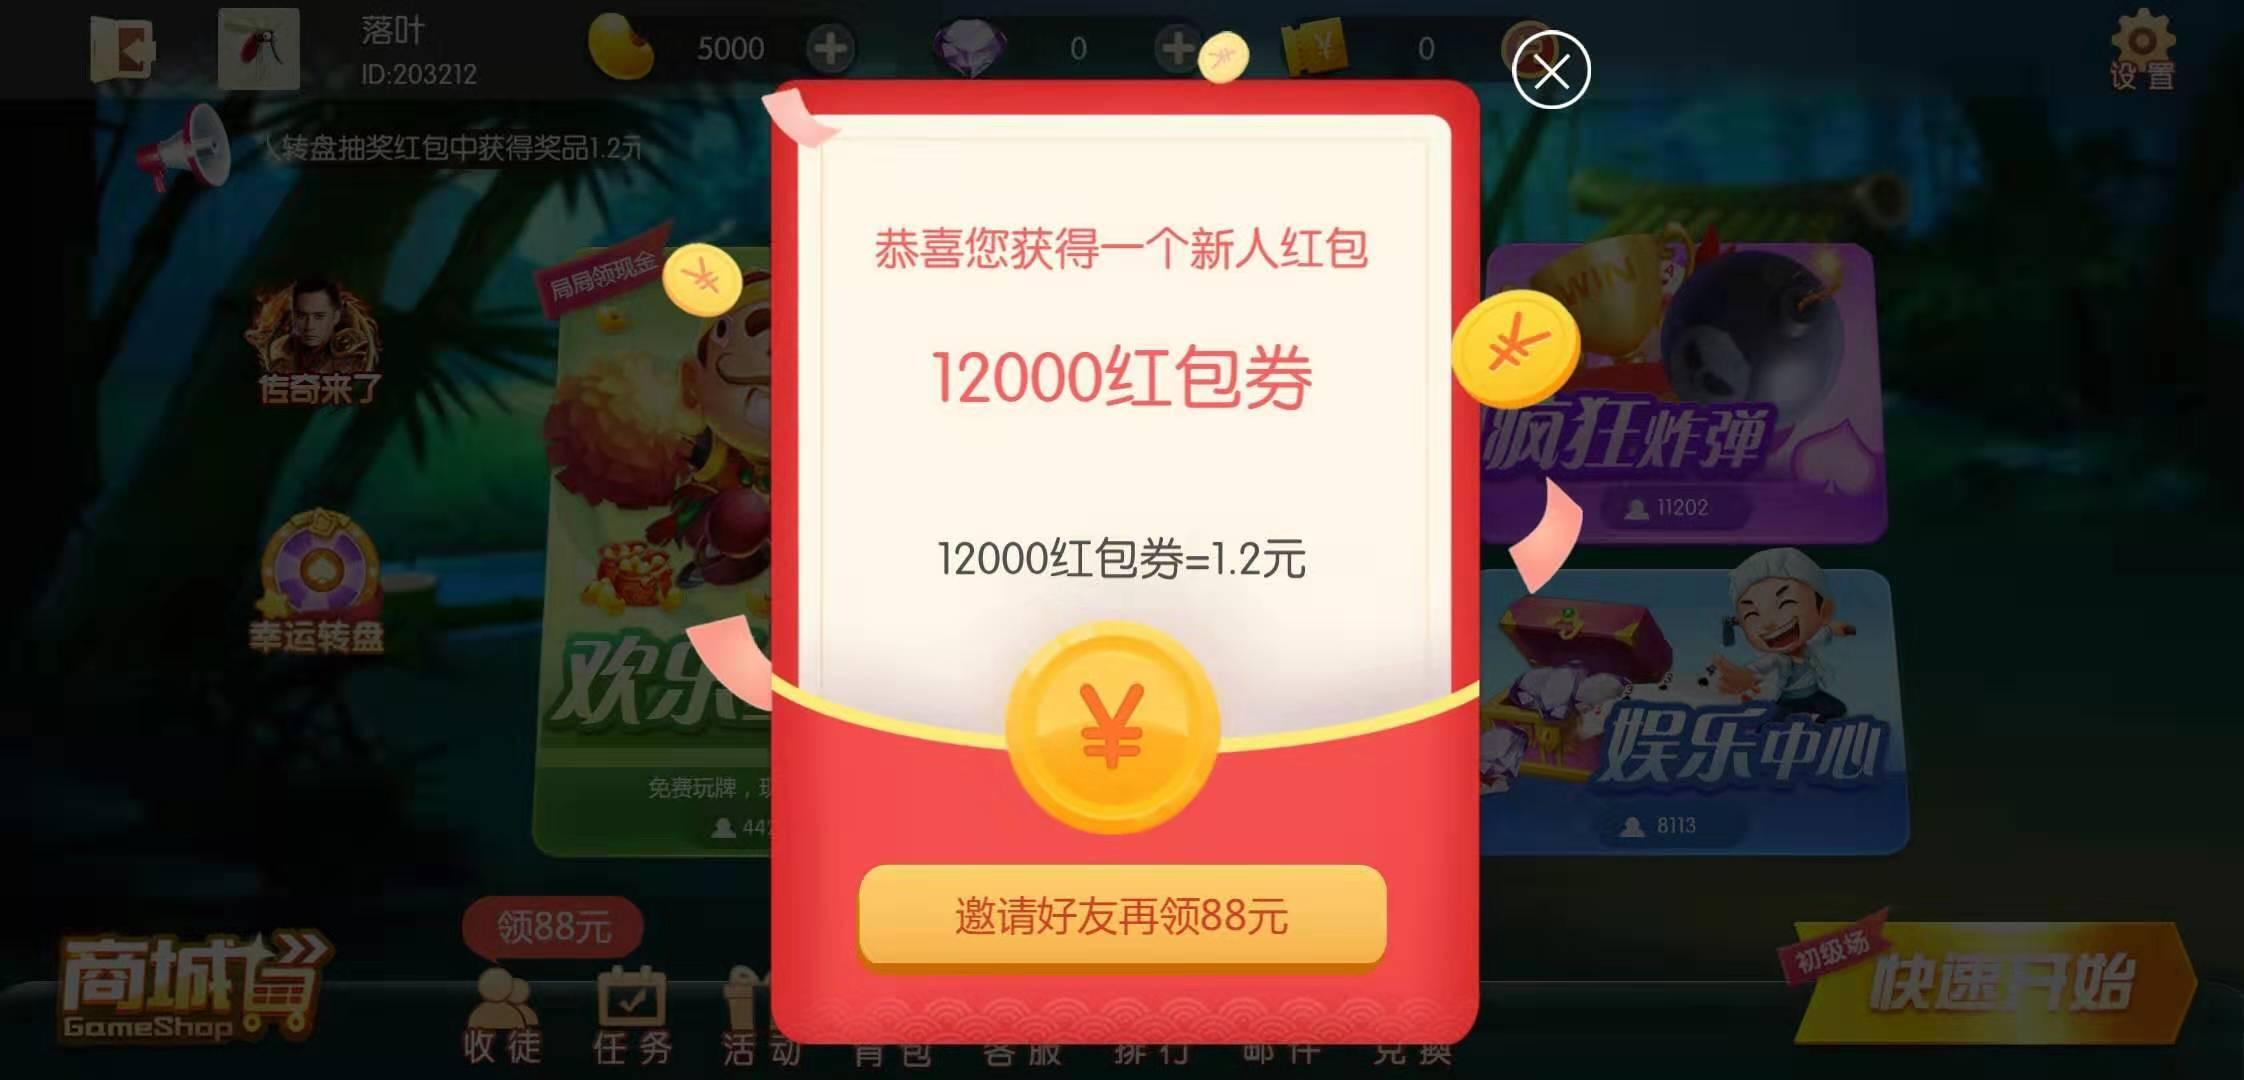 财来斗地主,新用户下载APP赢2局斗地主秒提1元